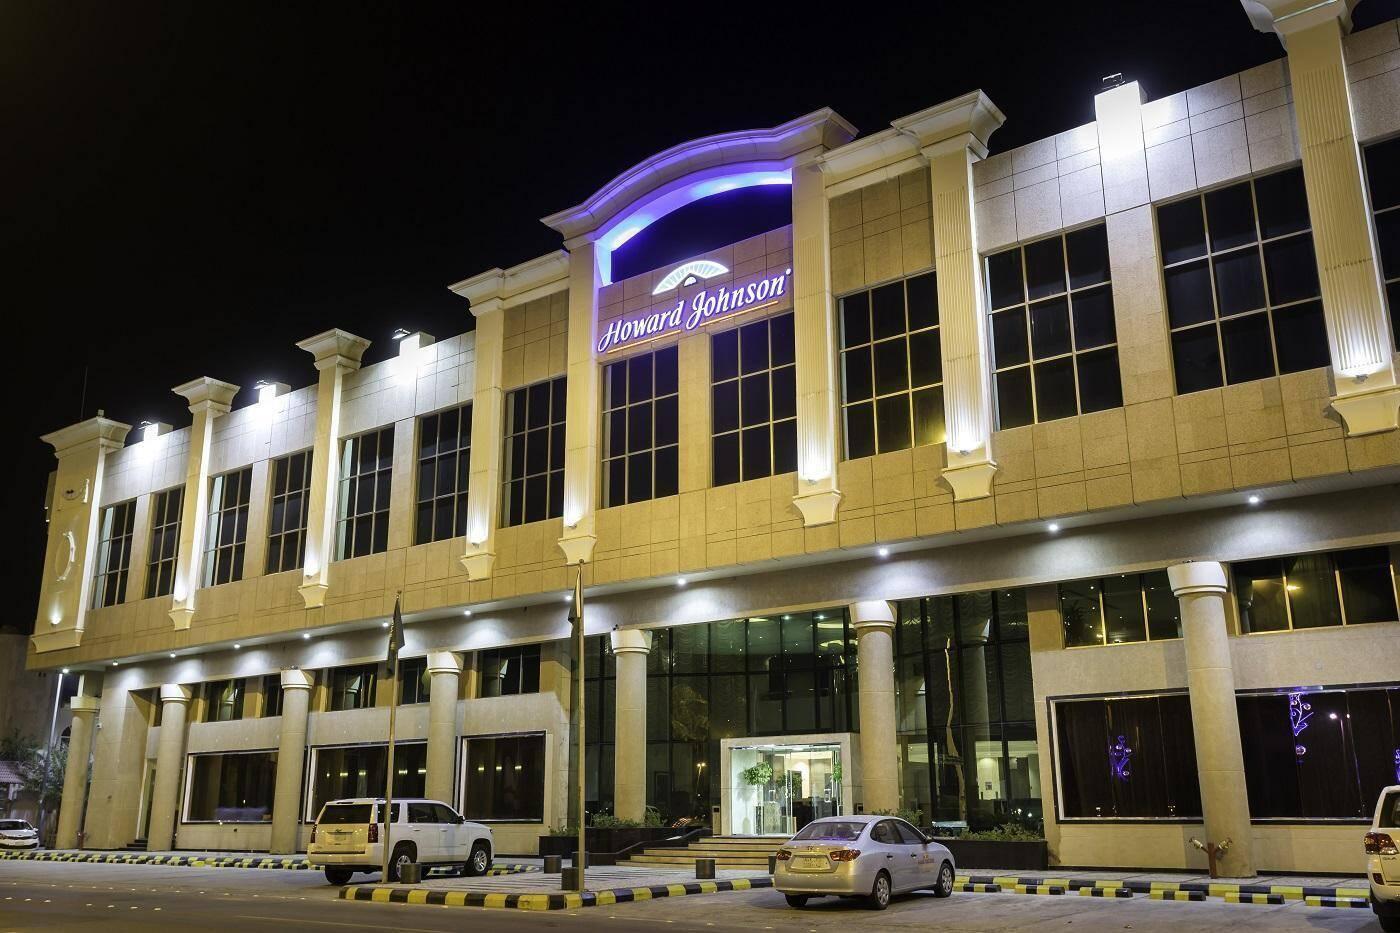 Howard Johnson Inn Hotel